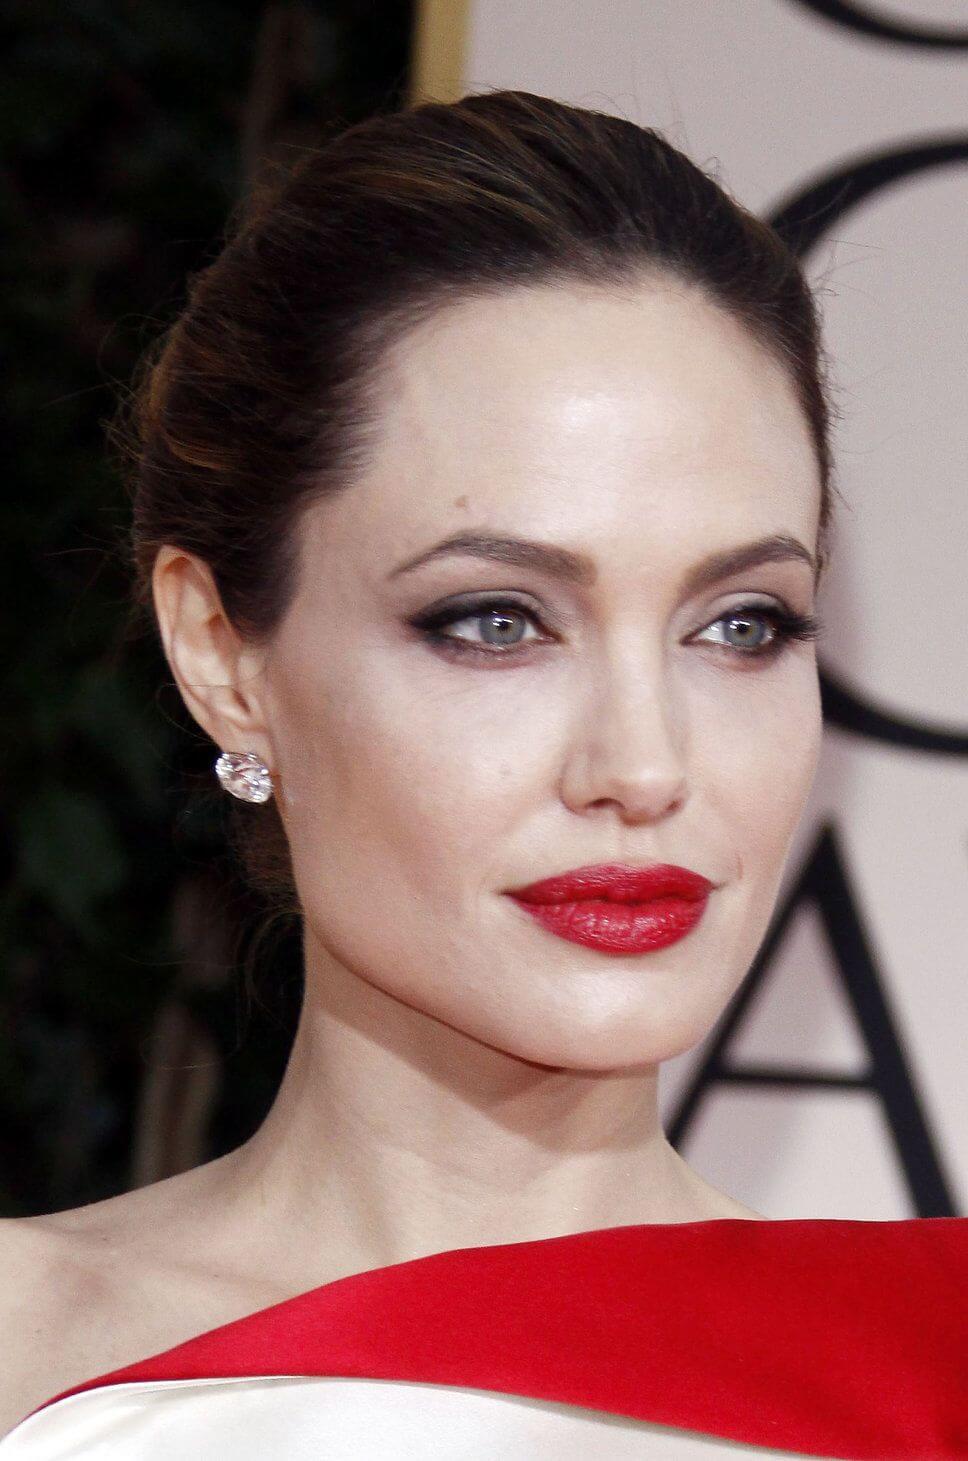 Foto di Angelina Jolie, che secondo la Color Analysis è un Autunno Muted